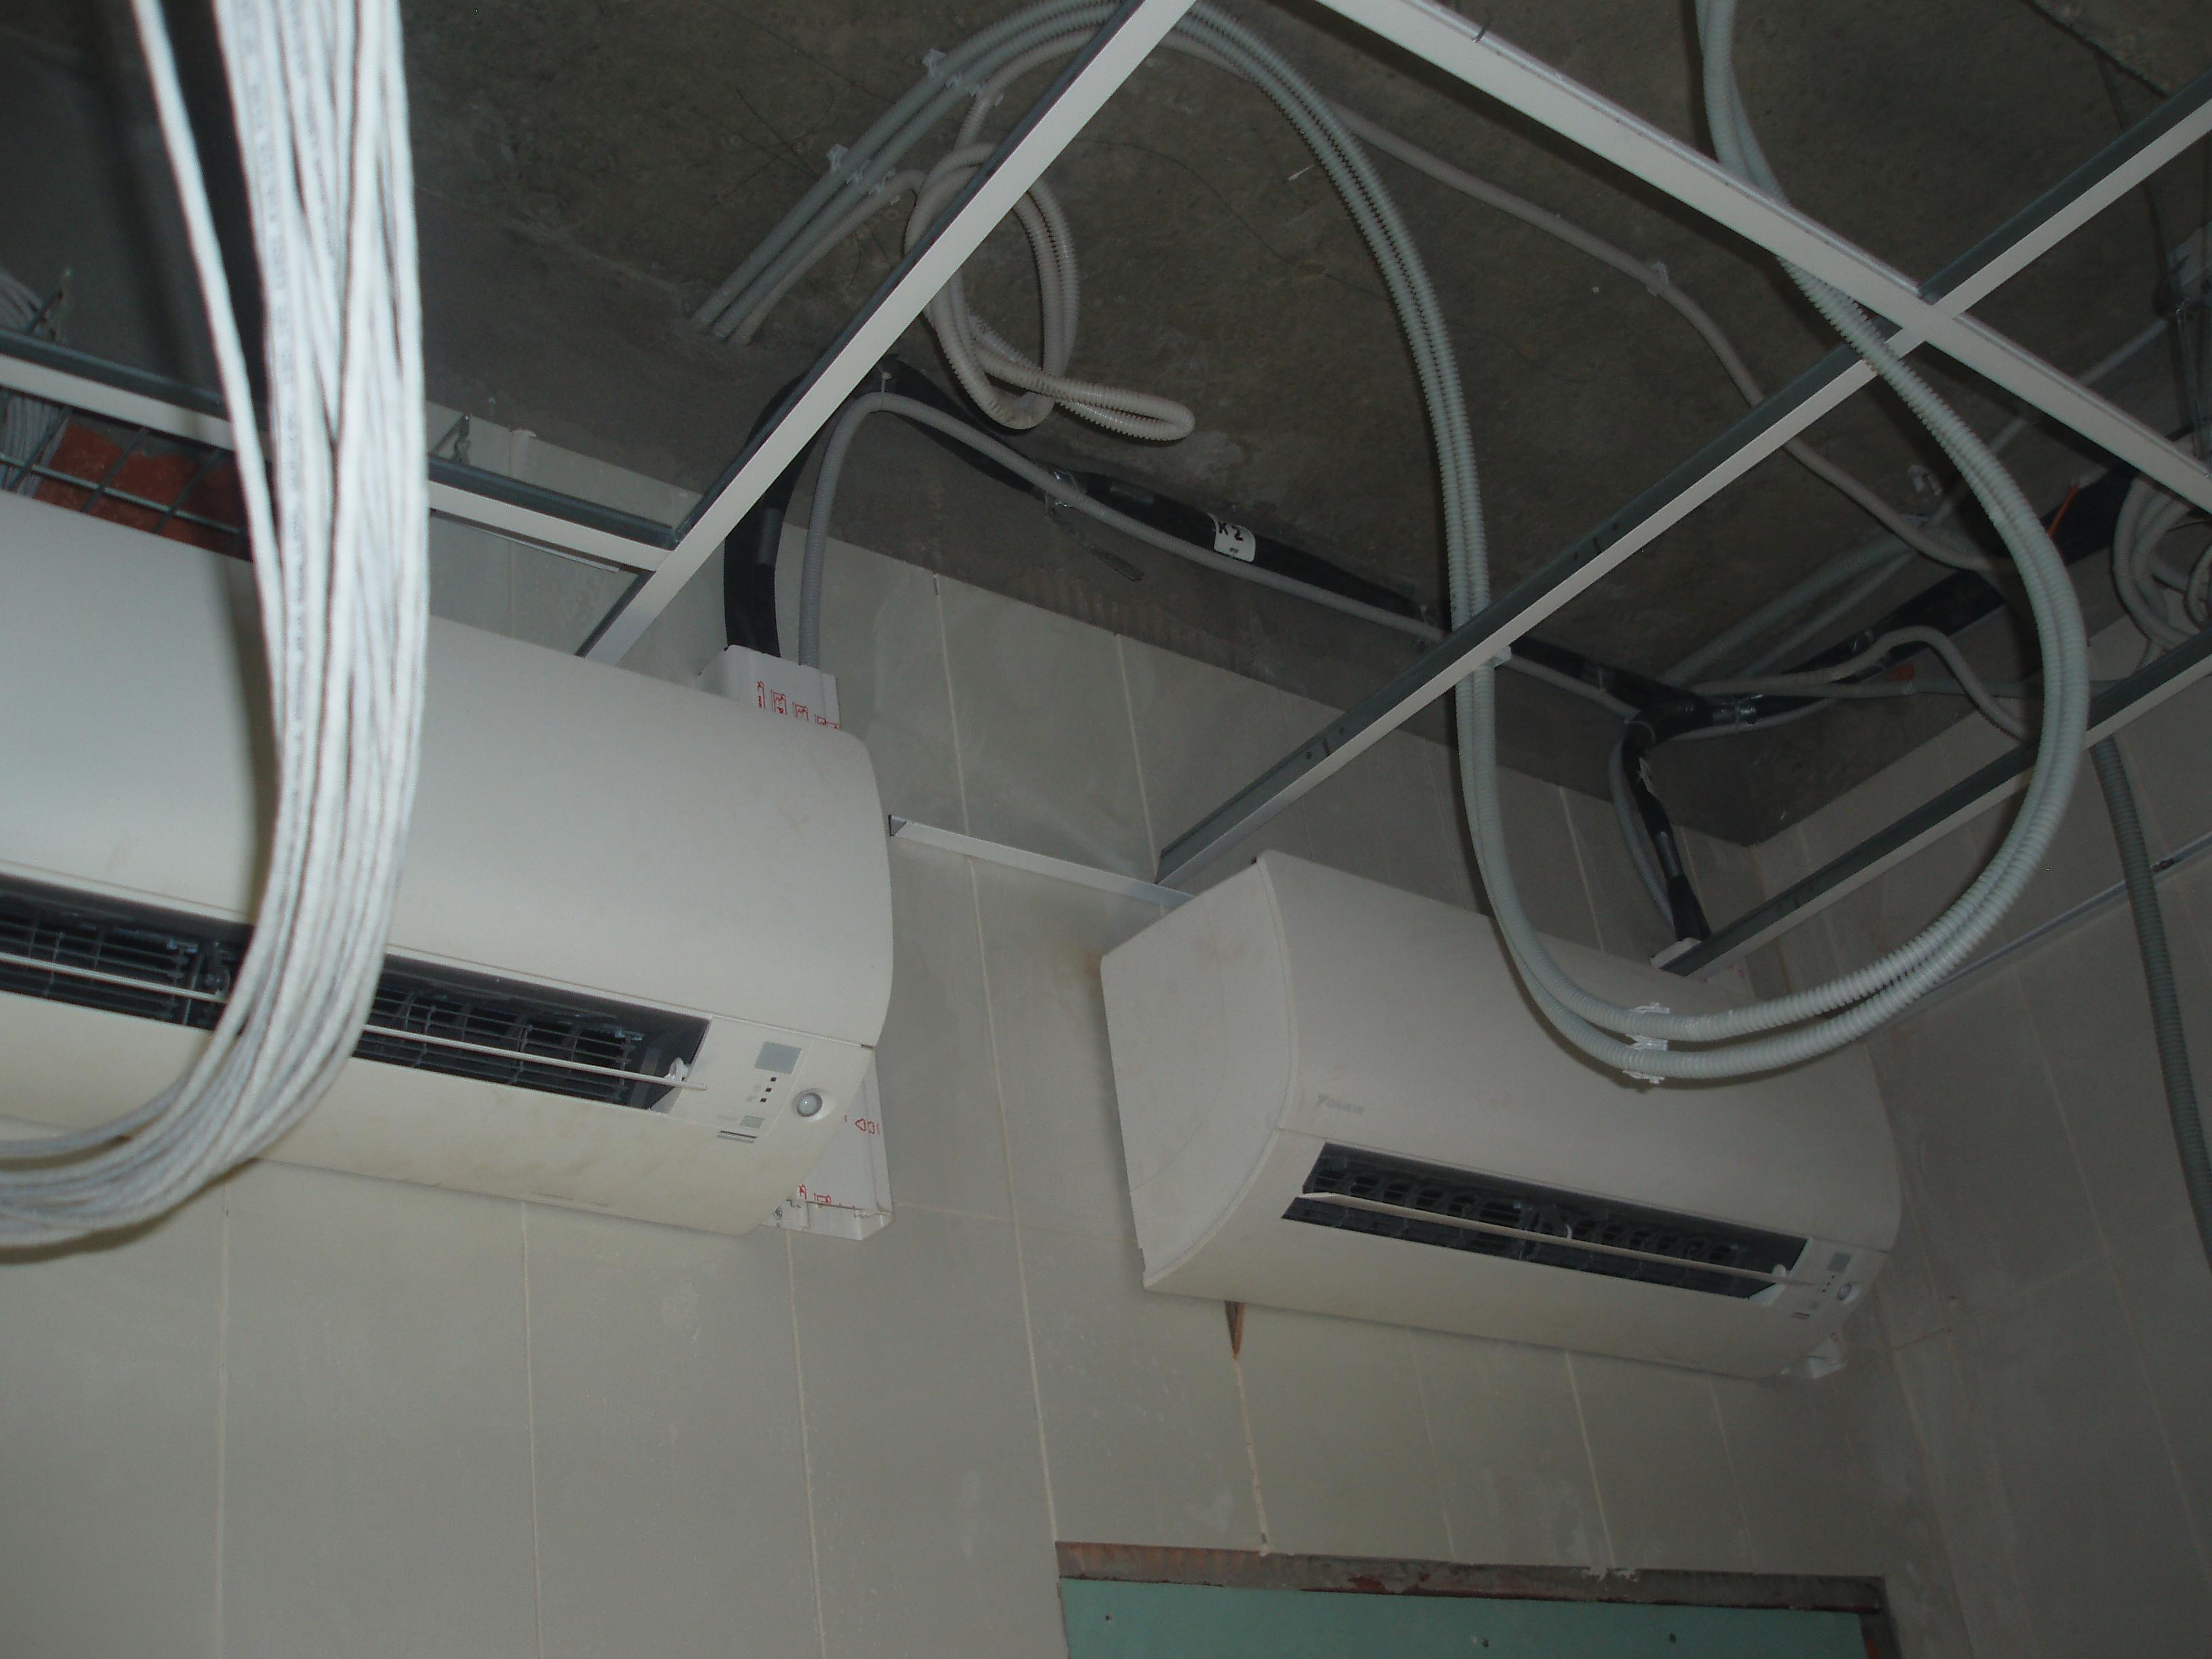 кондиционеры установлены на стене